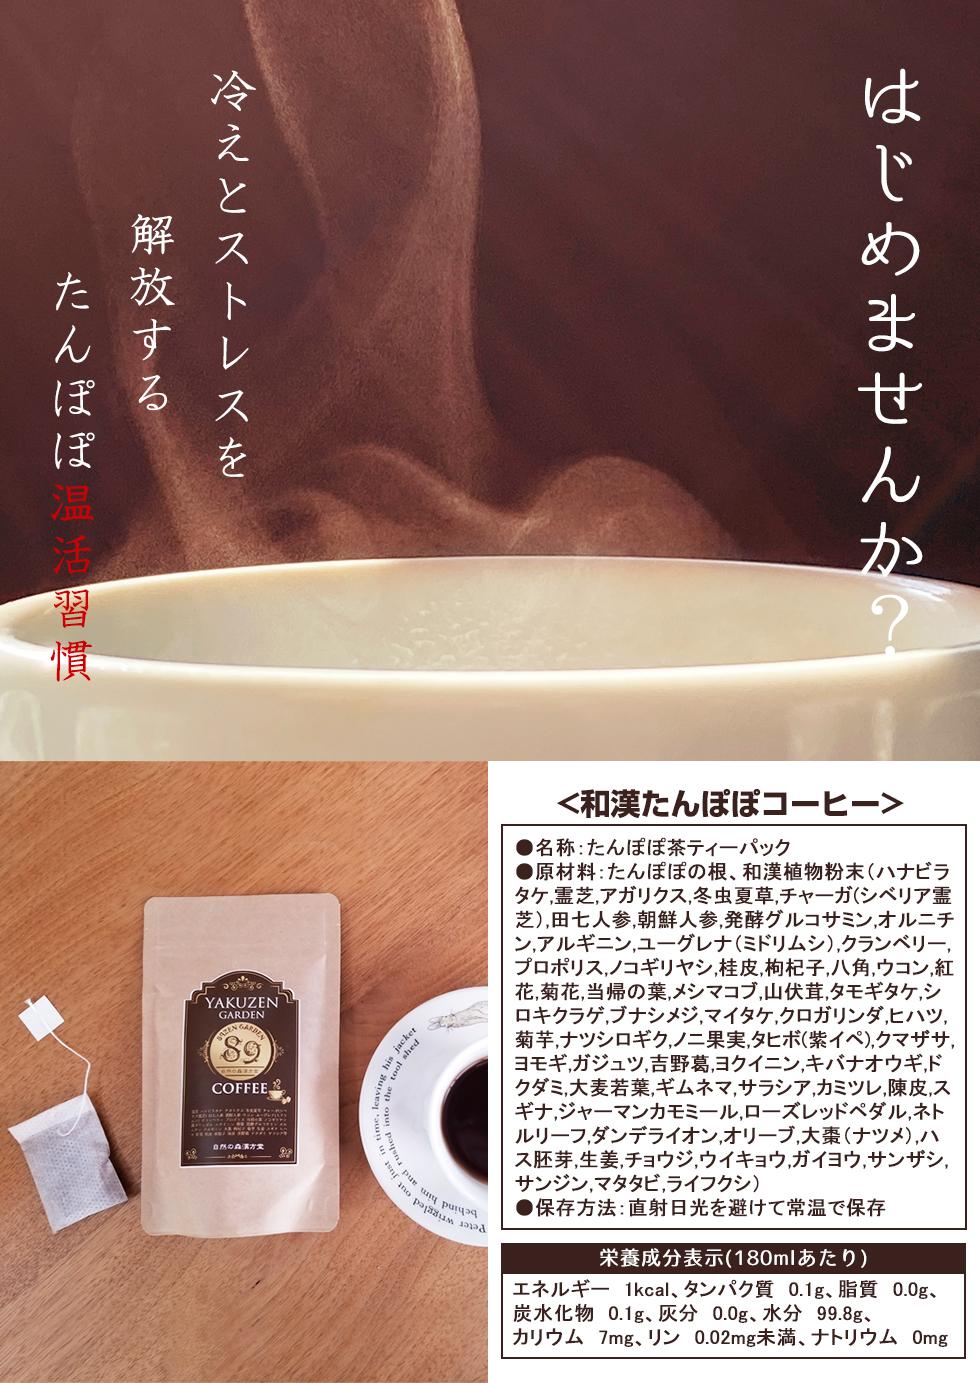 はじめませんか?冷えとストレスを解放するたんぽぽ温活習慣 和漢たんぽぽコーヒー